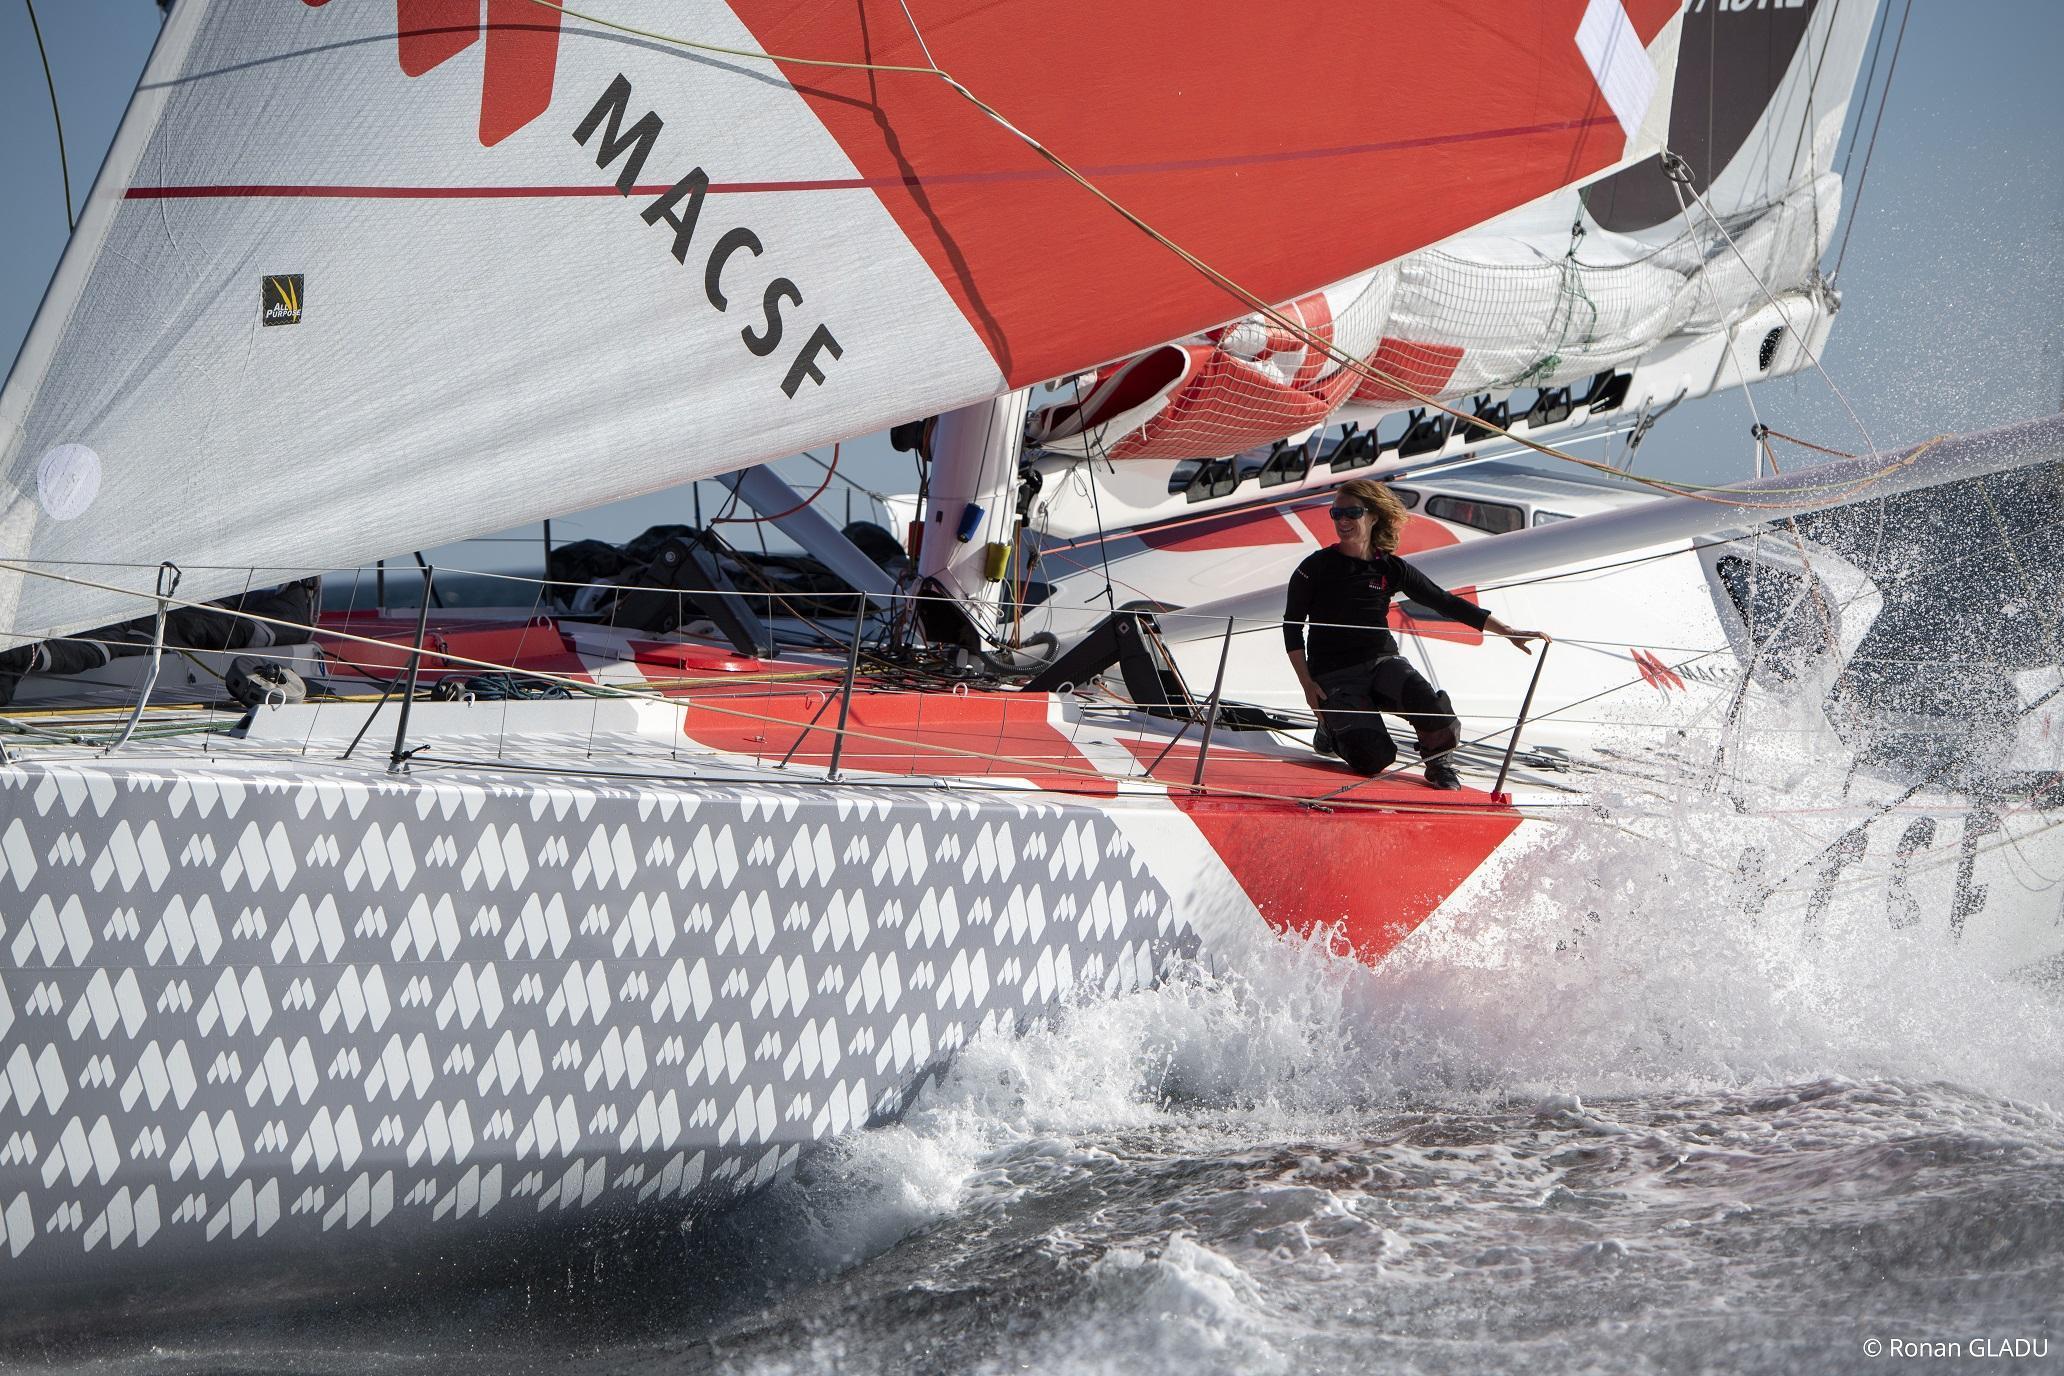 Isabelle navigue sur l'Imoca MACSF, doté de foils et mesurant 60 pieds. (Crédit photo : Ronan Gladu)